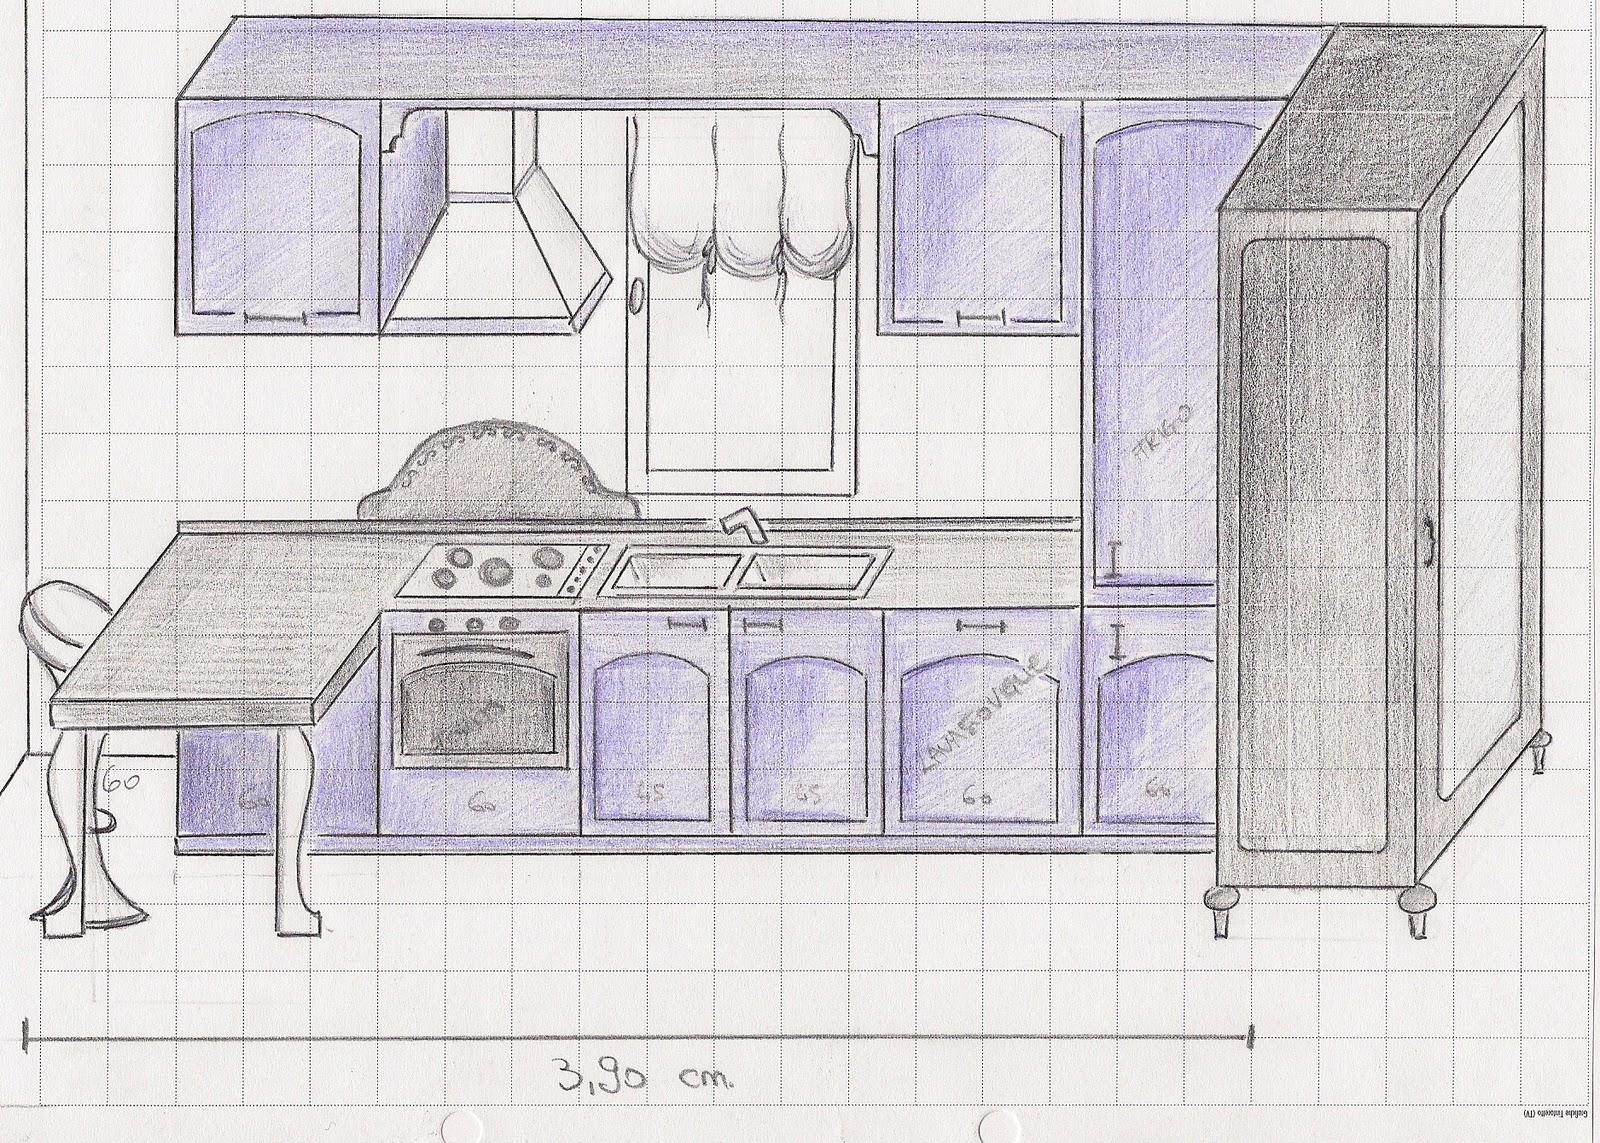 I sogni nel cassetto for Progettare le proprie planimetrie